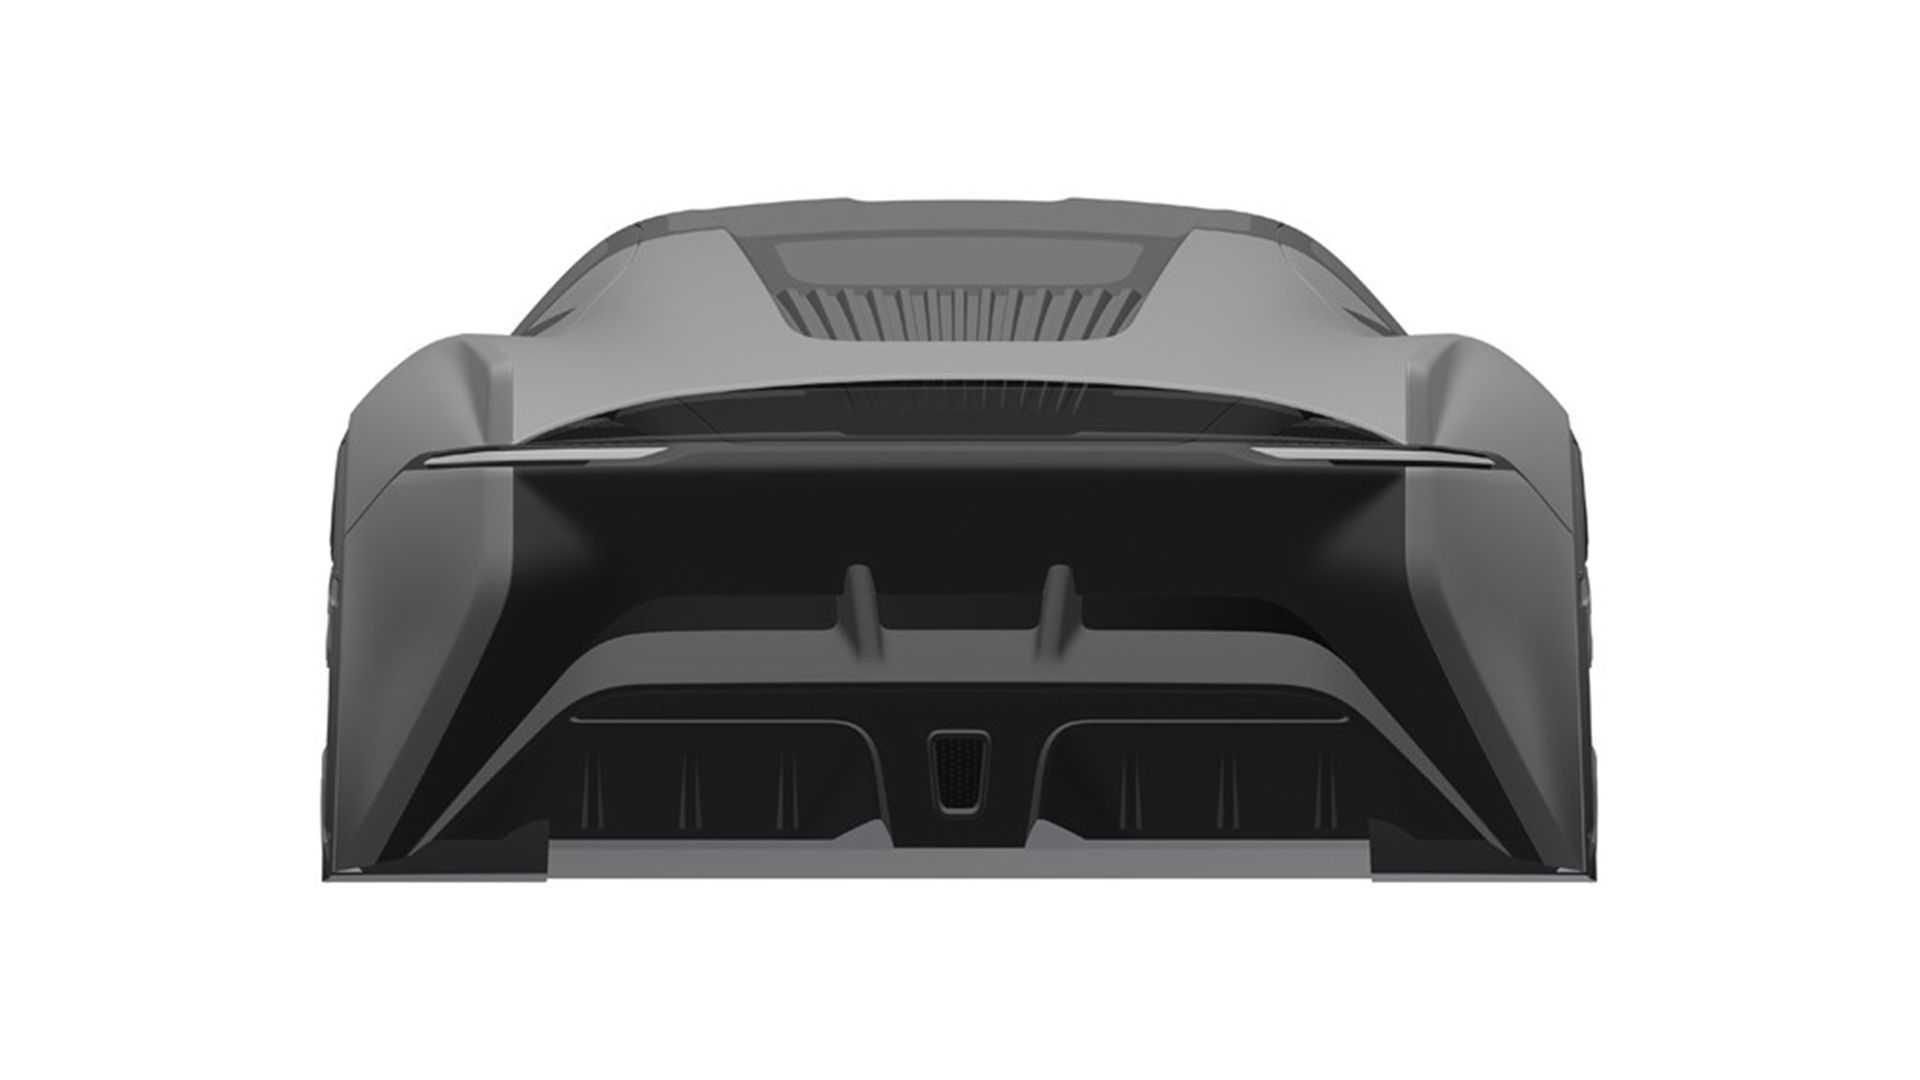 Jaguar-Supercar-Patent-Images-4